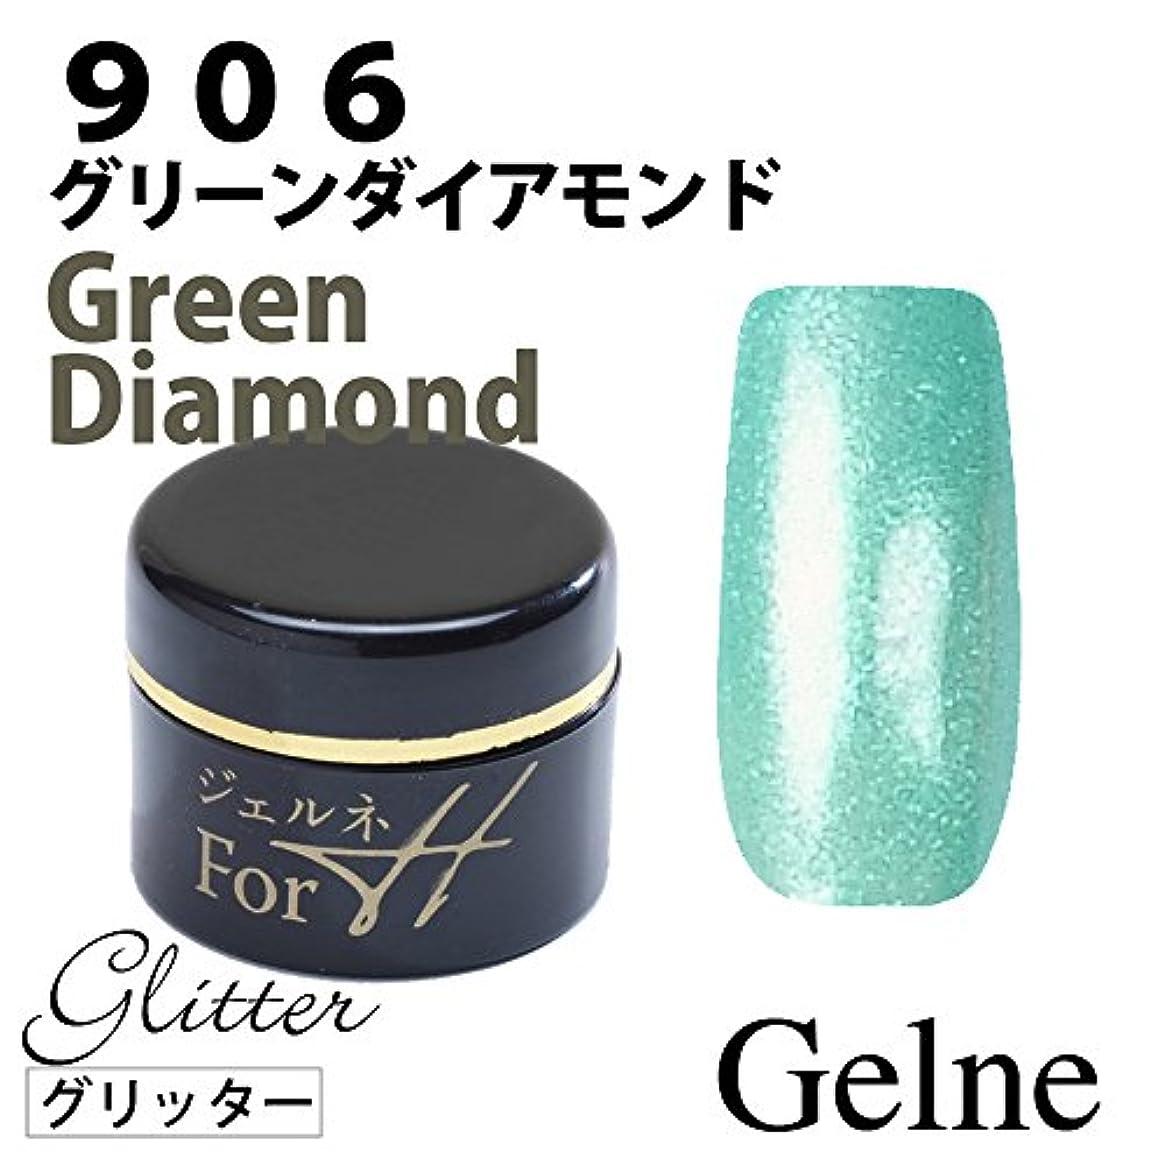 拡張ペストリー退屈なGelneオリジナル グリーンダイヤモンド カラージェル 5g LED/UV対応